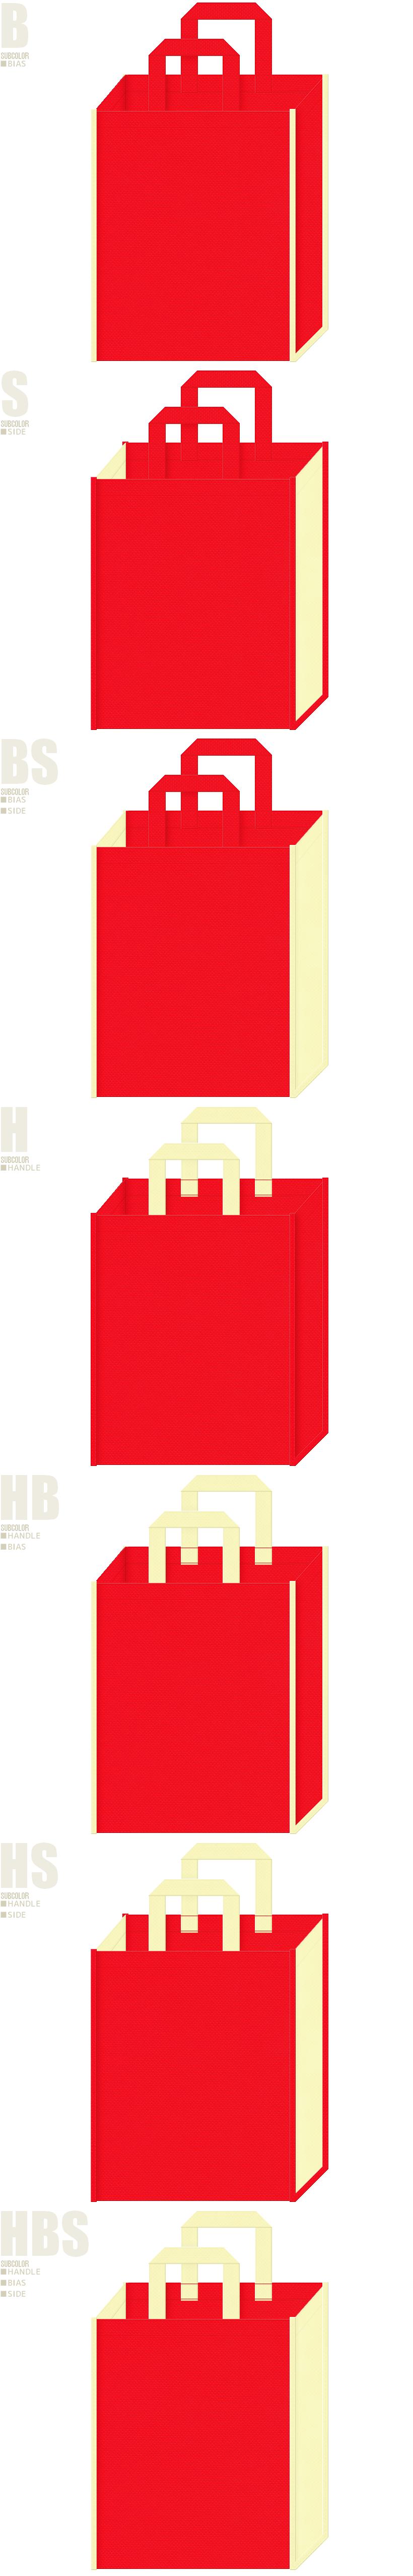 チーズ・ピザ・ひな祭り・和風催事にお奨めの不織布バッグデザイン:赤色と薄黄色の配色7パターン